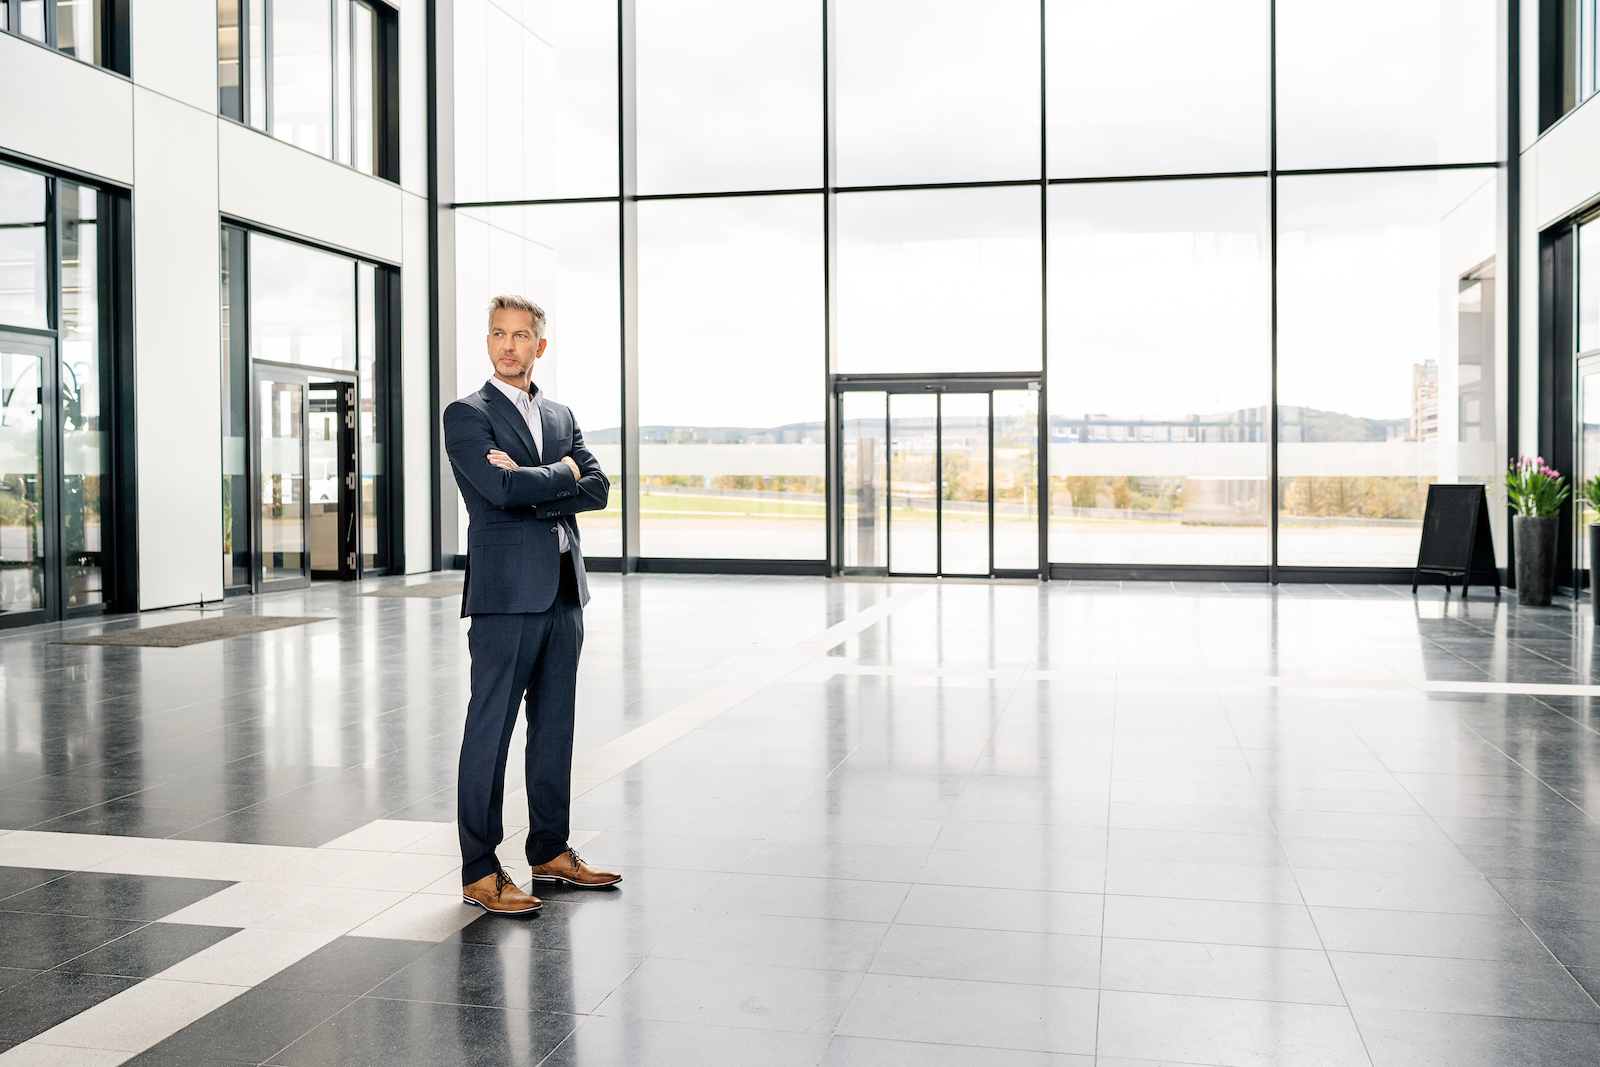 Business Mann in Glas Gebäude